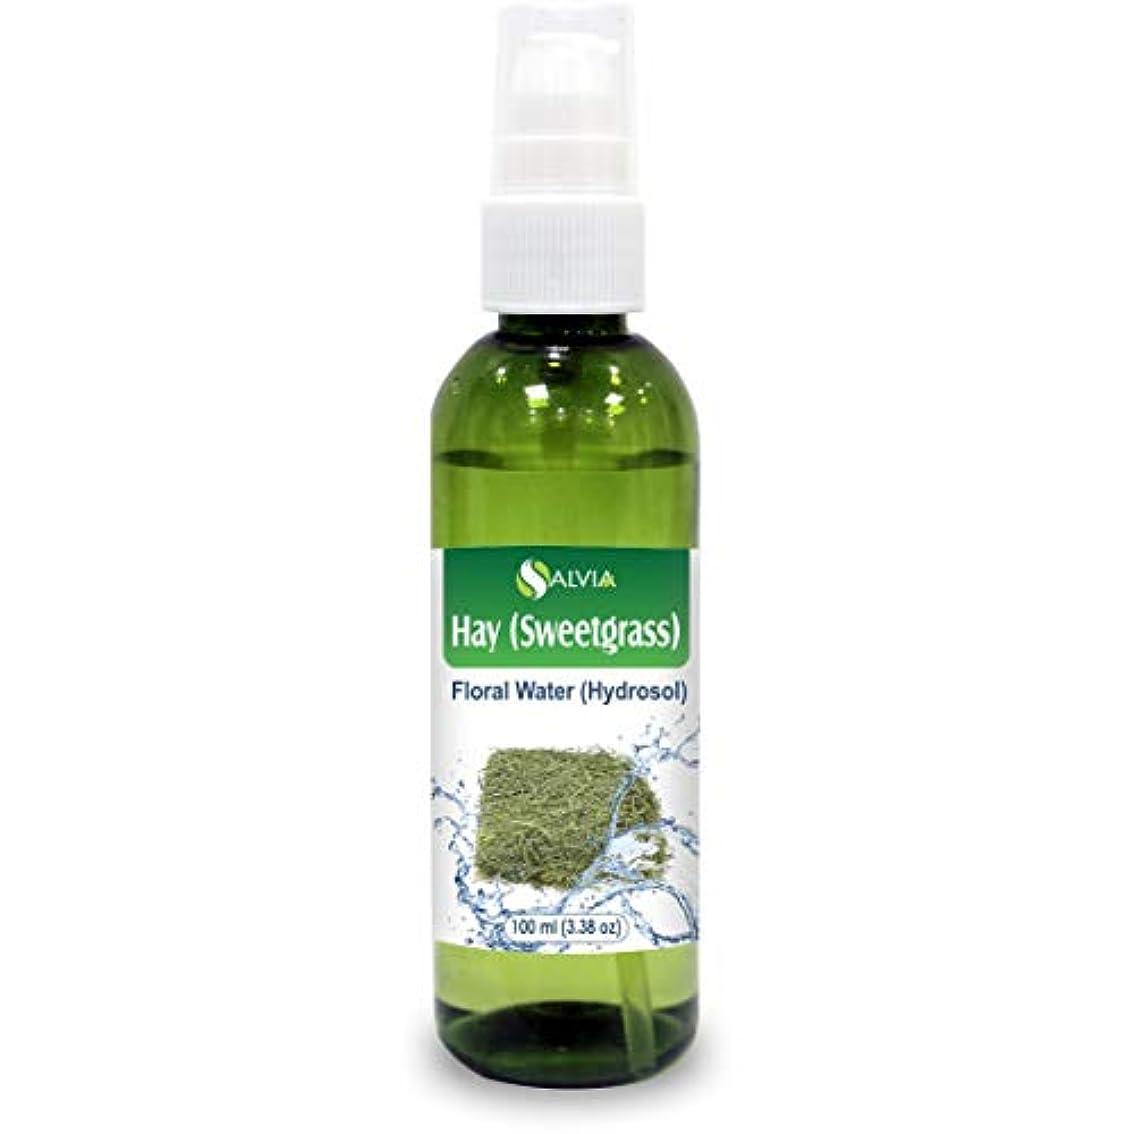 がっかりしたマーティンルーサーキングジュニアネックレットHay (Sweetgrass) Floral Water 100ml (Hydrosol) 100% Pure And Natural